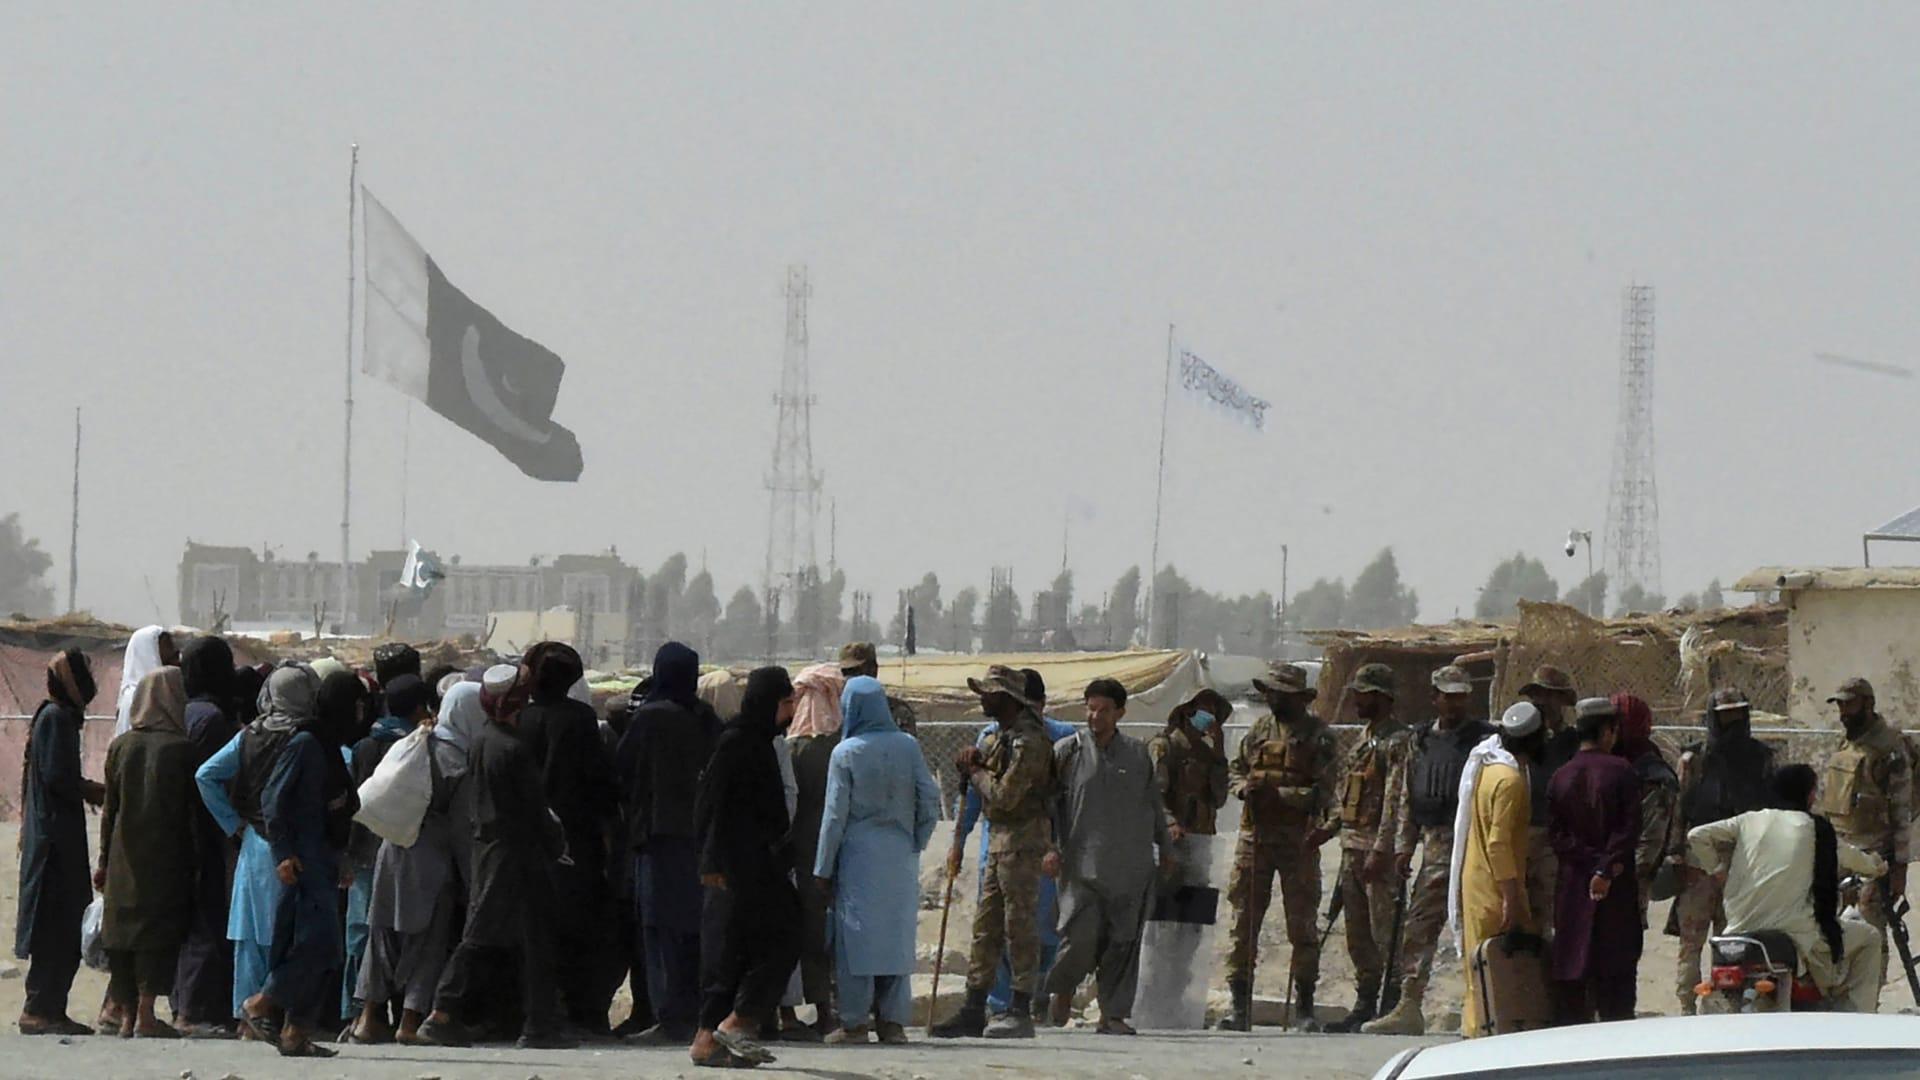 مقاتلي طالبان في أفغانستان سيطروا على معبر حدودي رئيسي مع باكستان